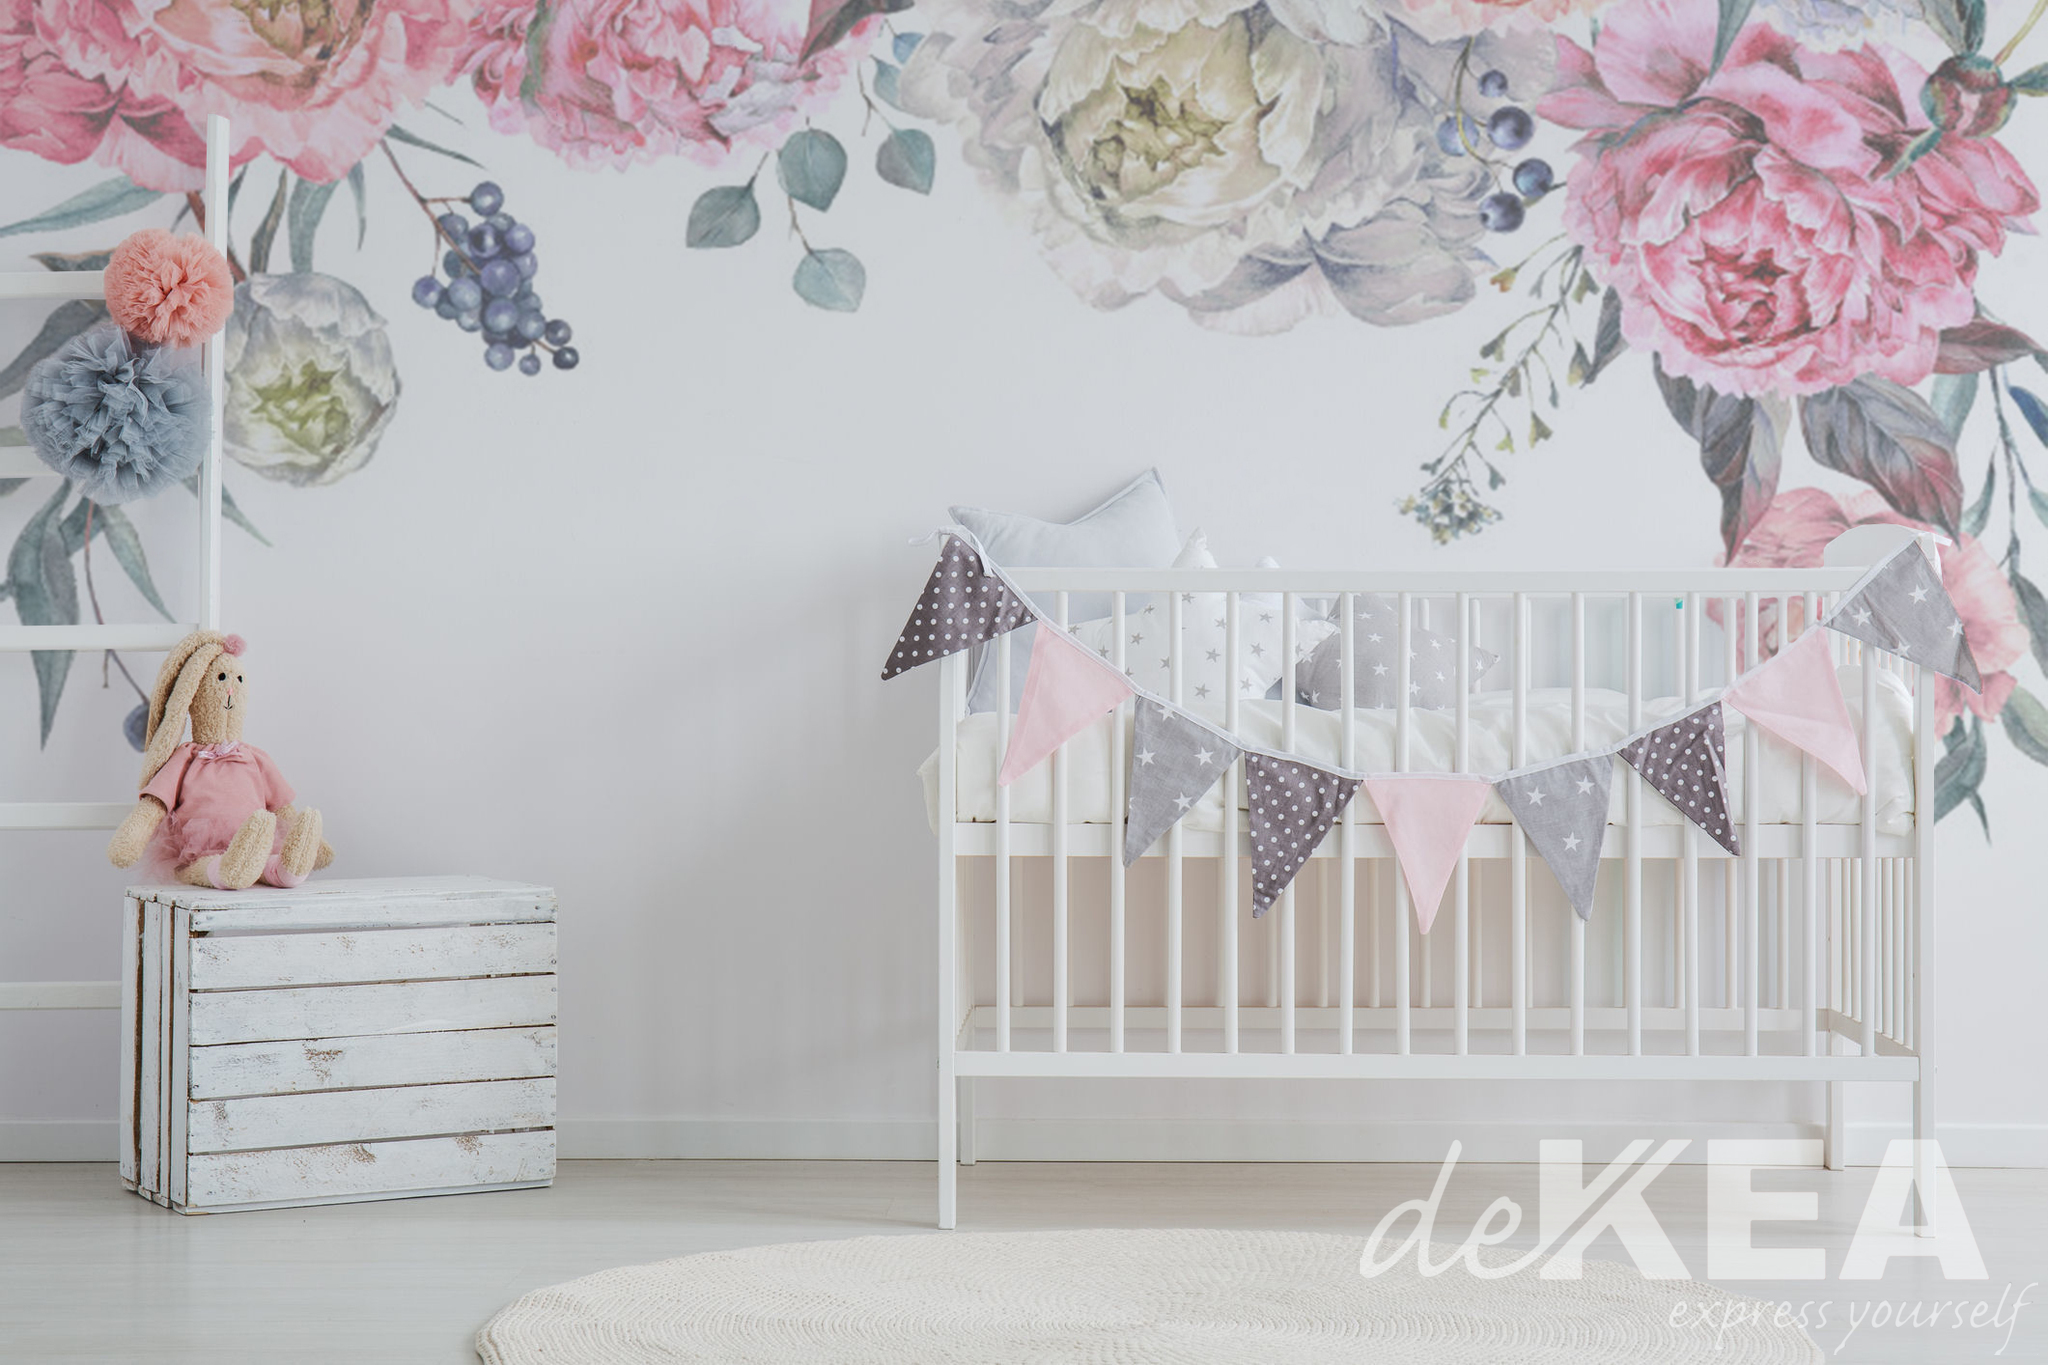 Fototapeta Dekea w pokoju małego dziecka